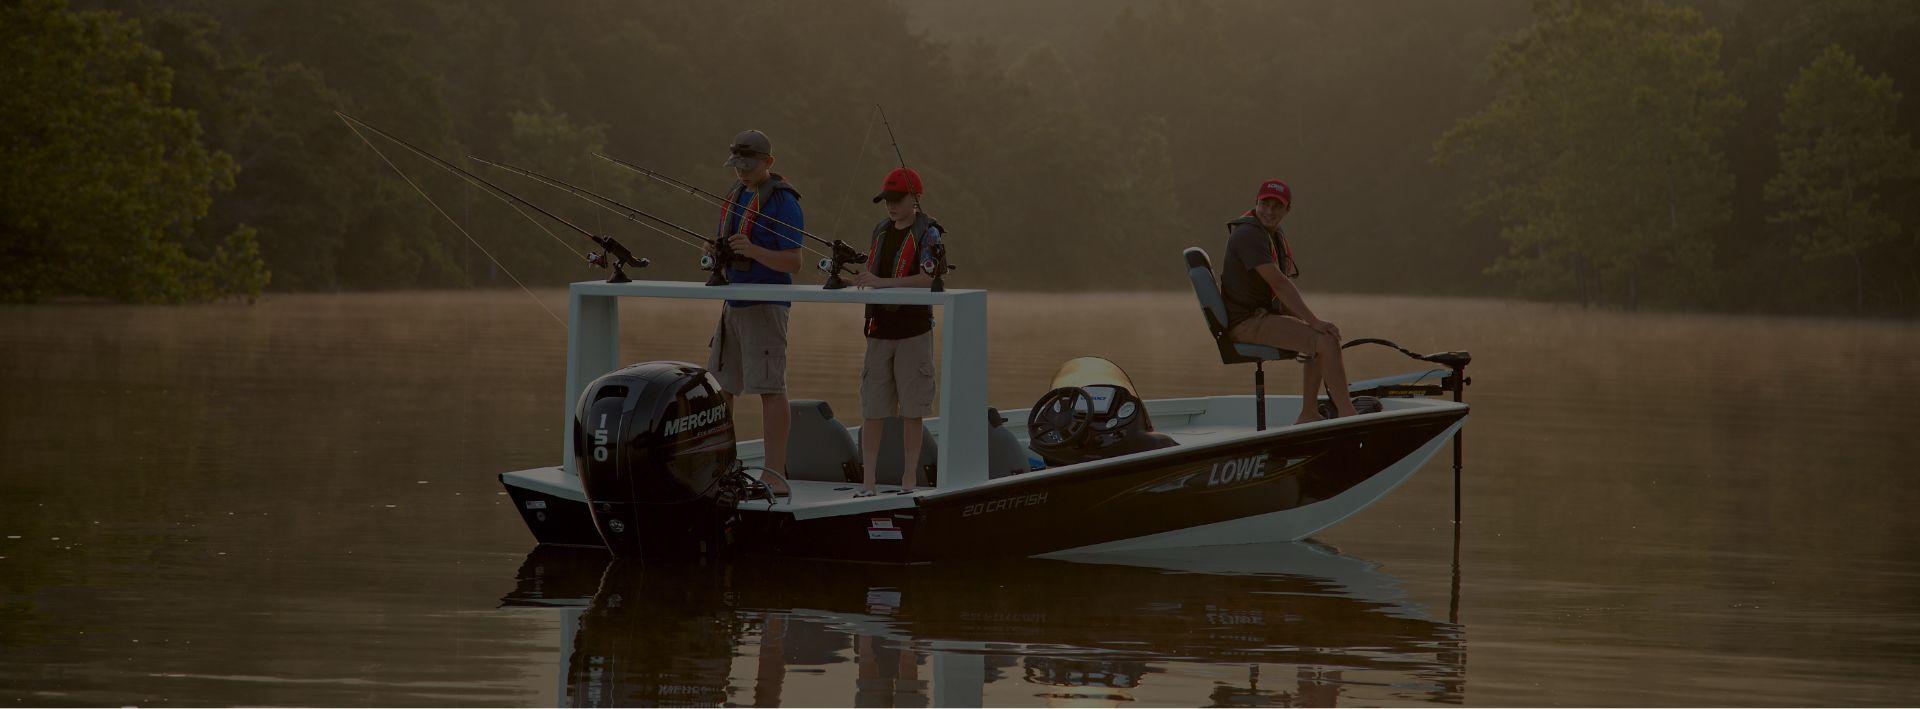 Home Marine Specialties of Louisiana, LLC Shreveport, LA